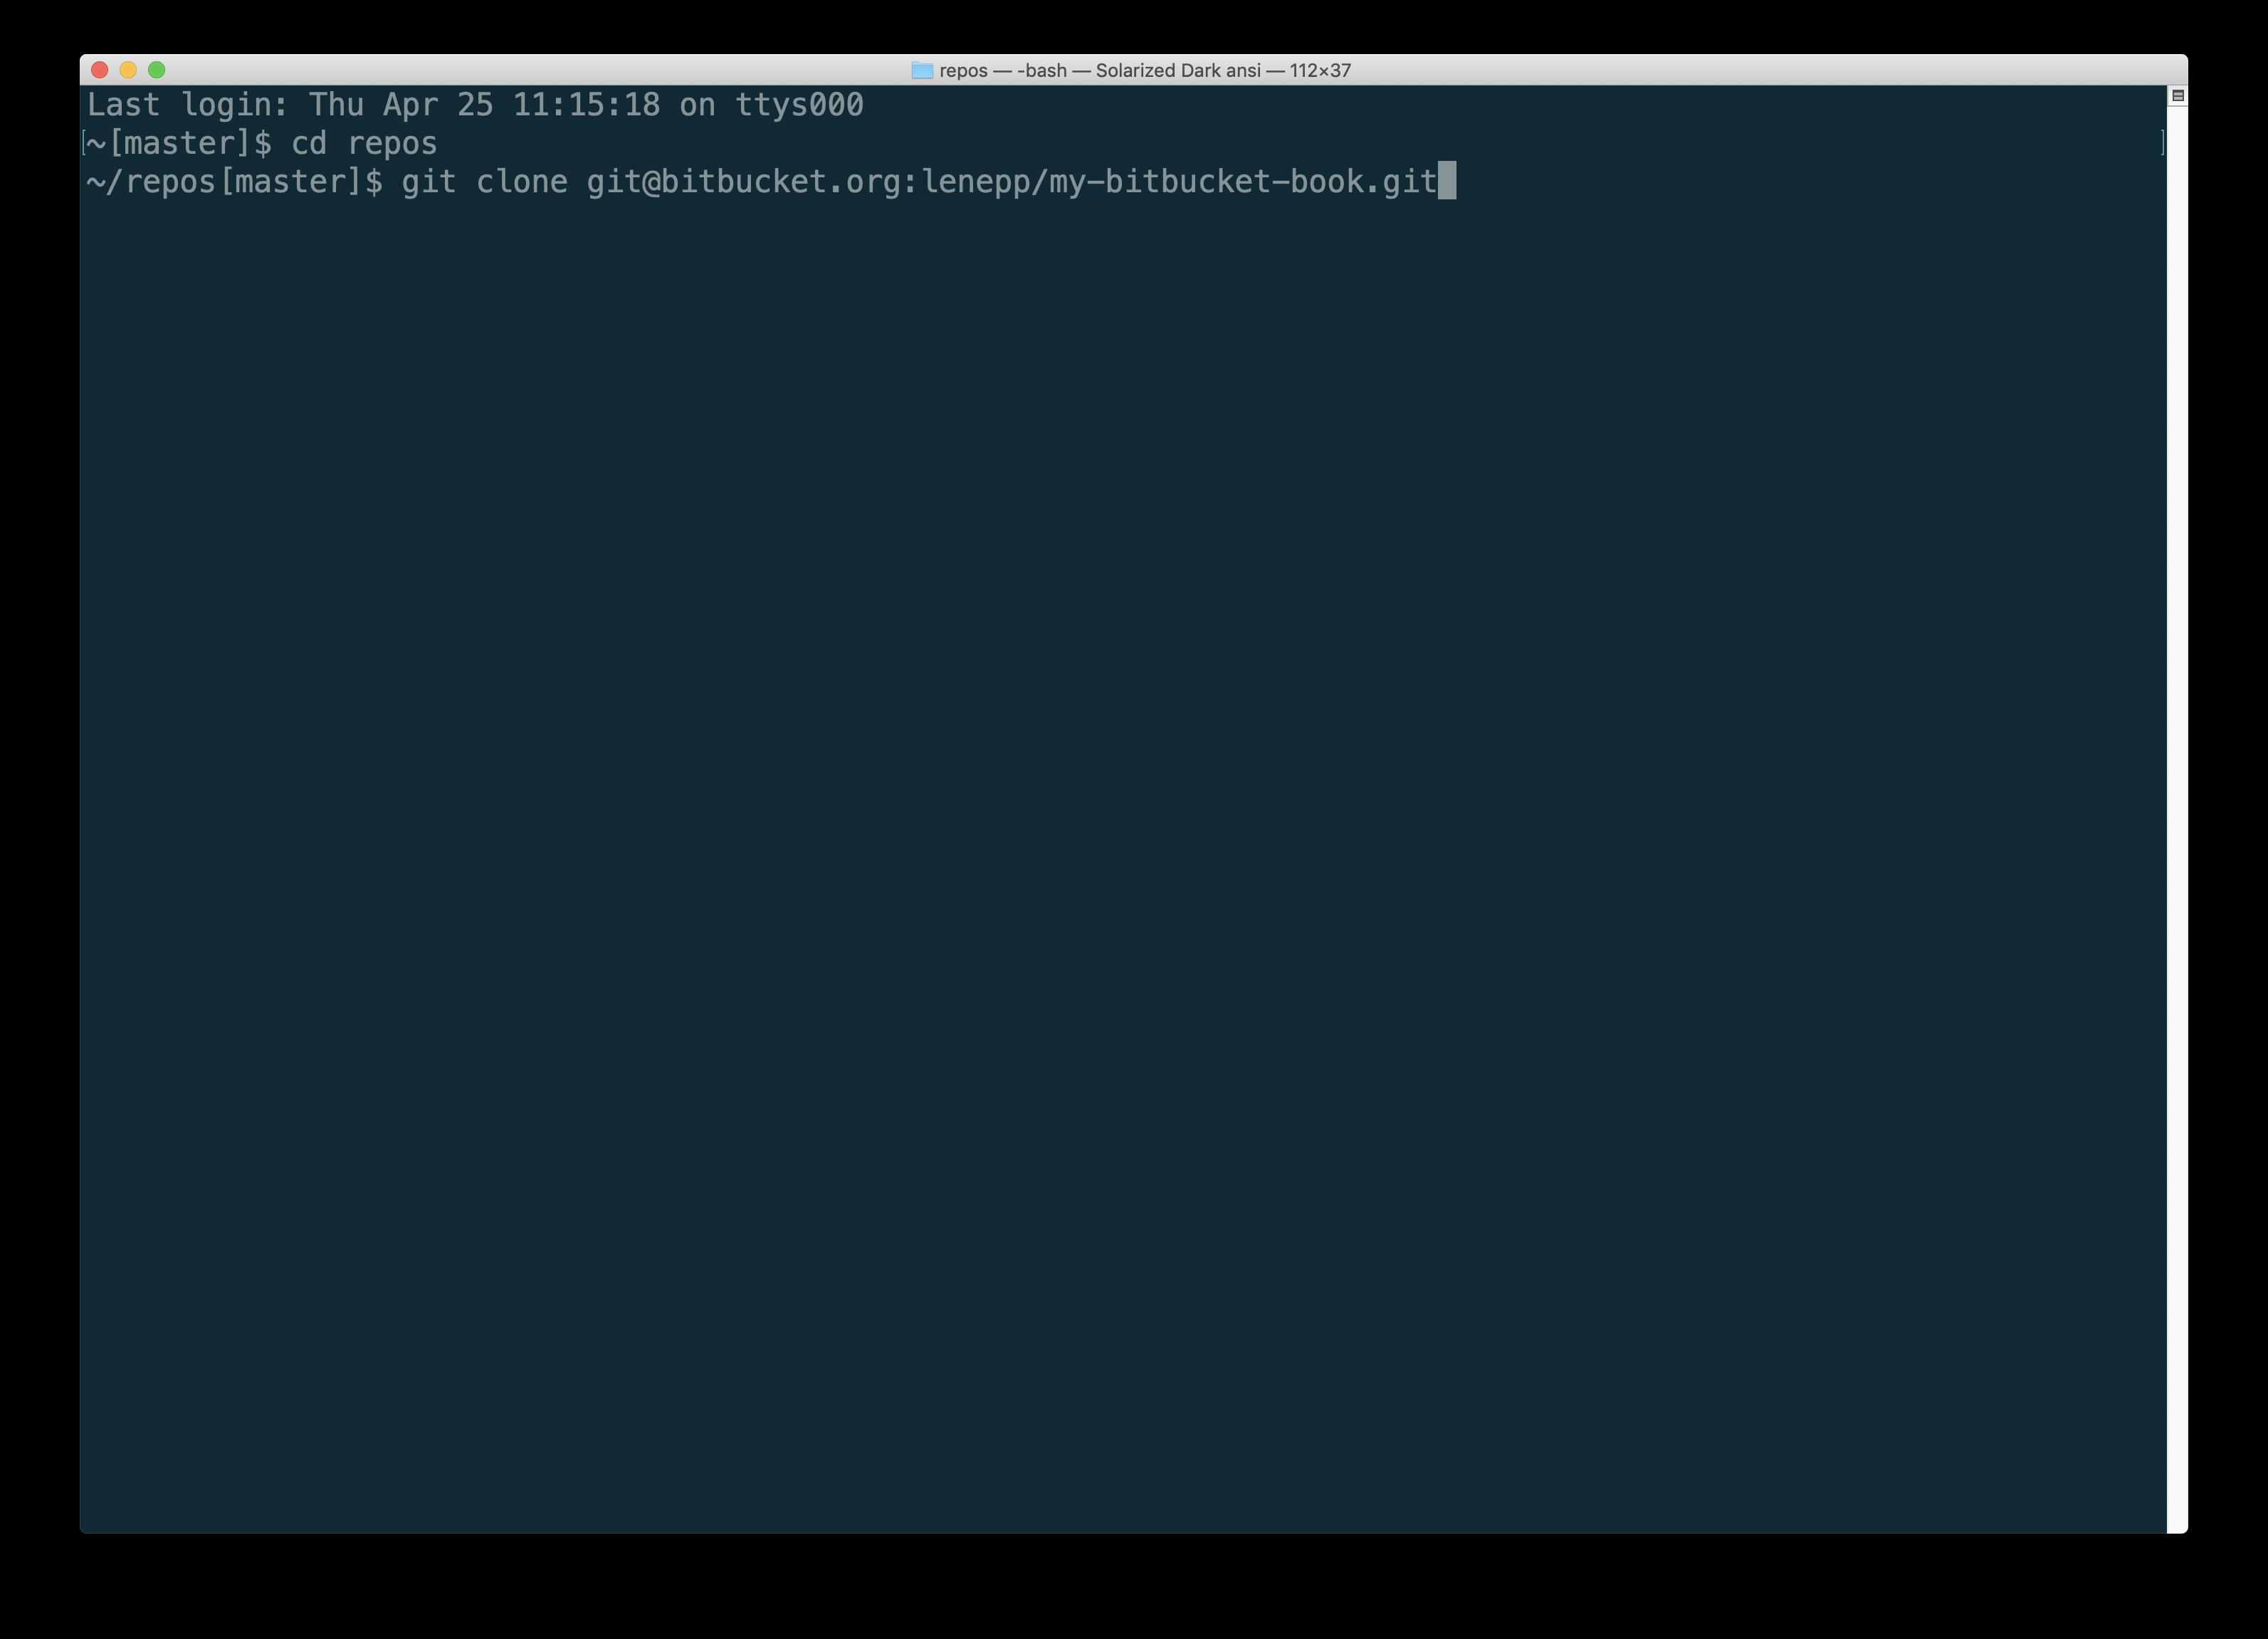 Git Push Hanging Bitbucket